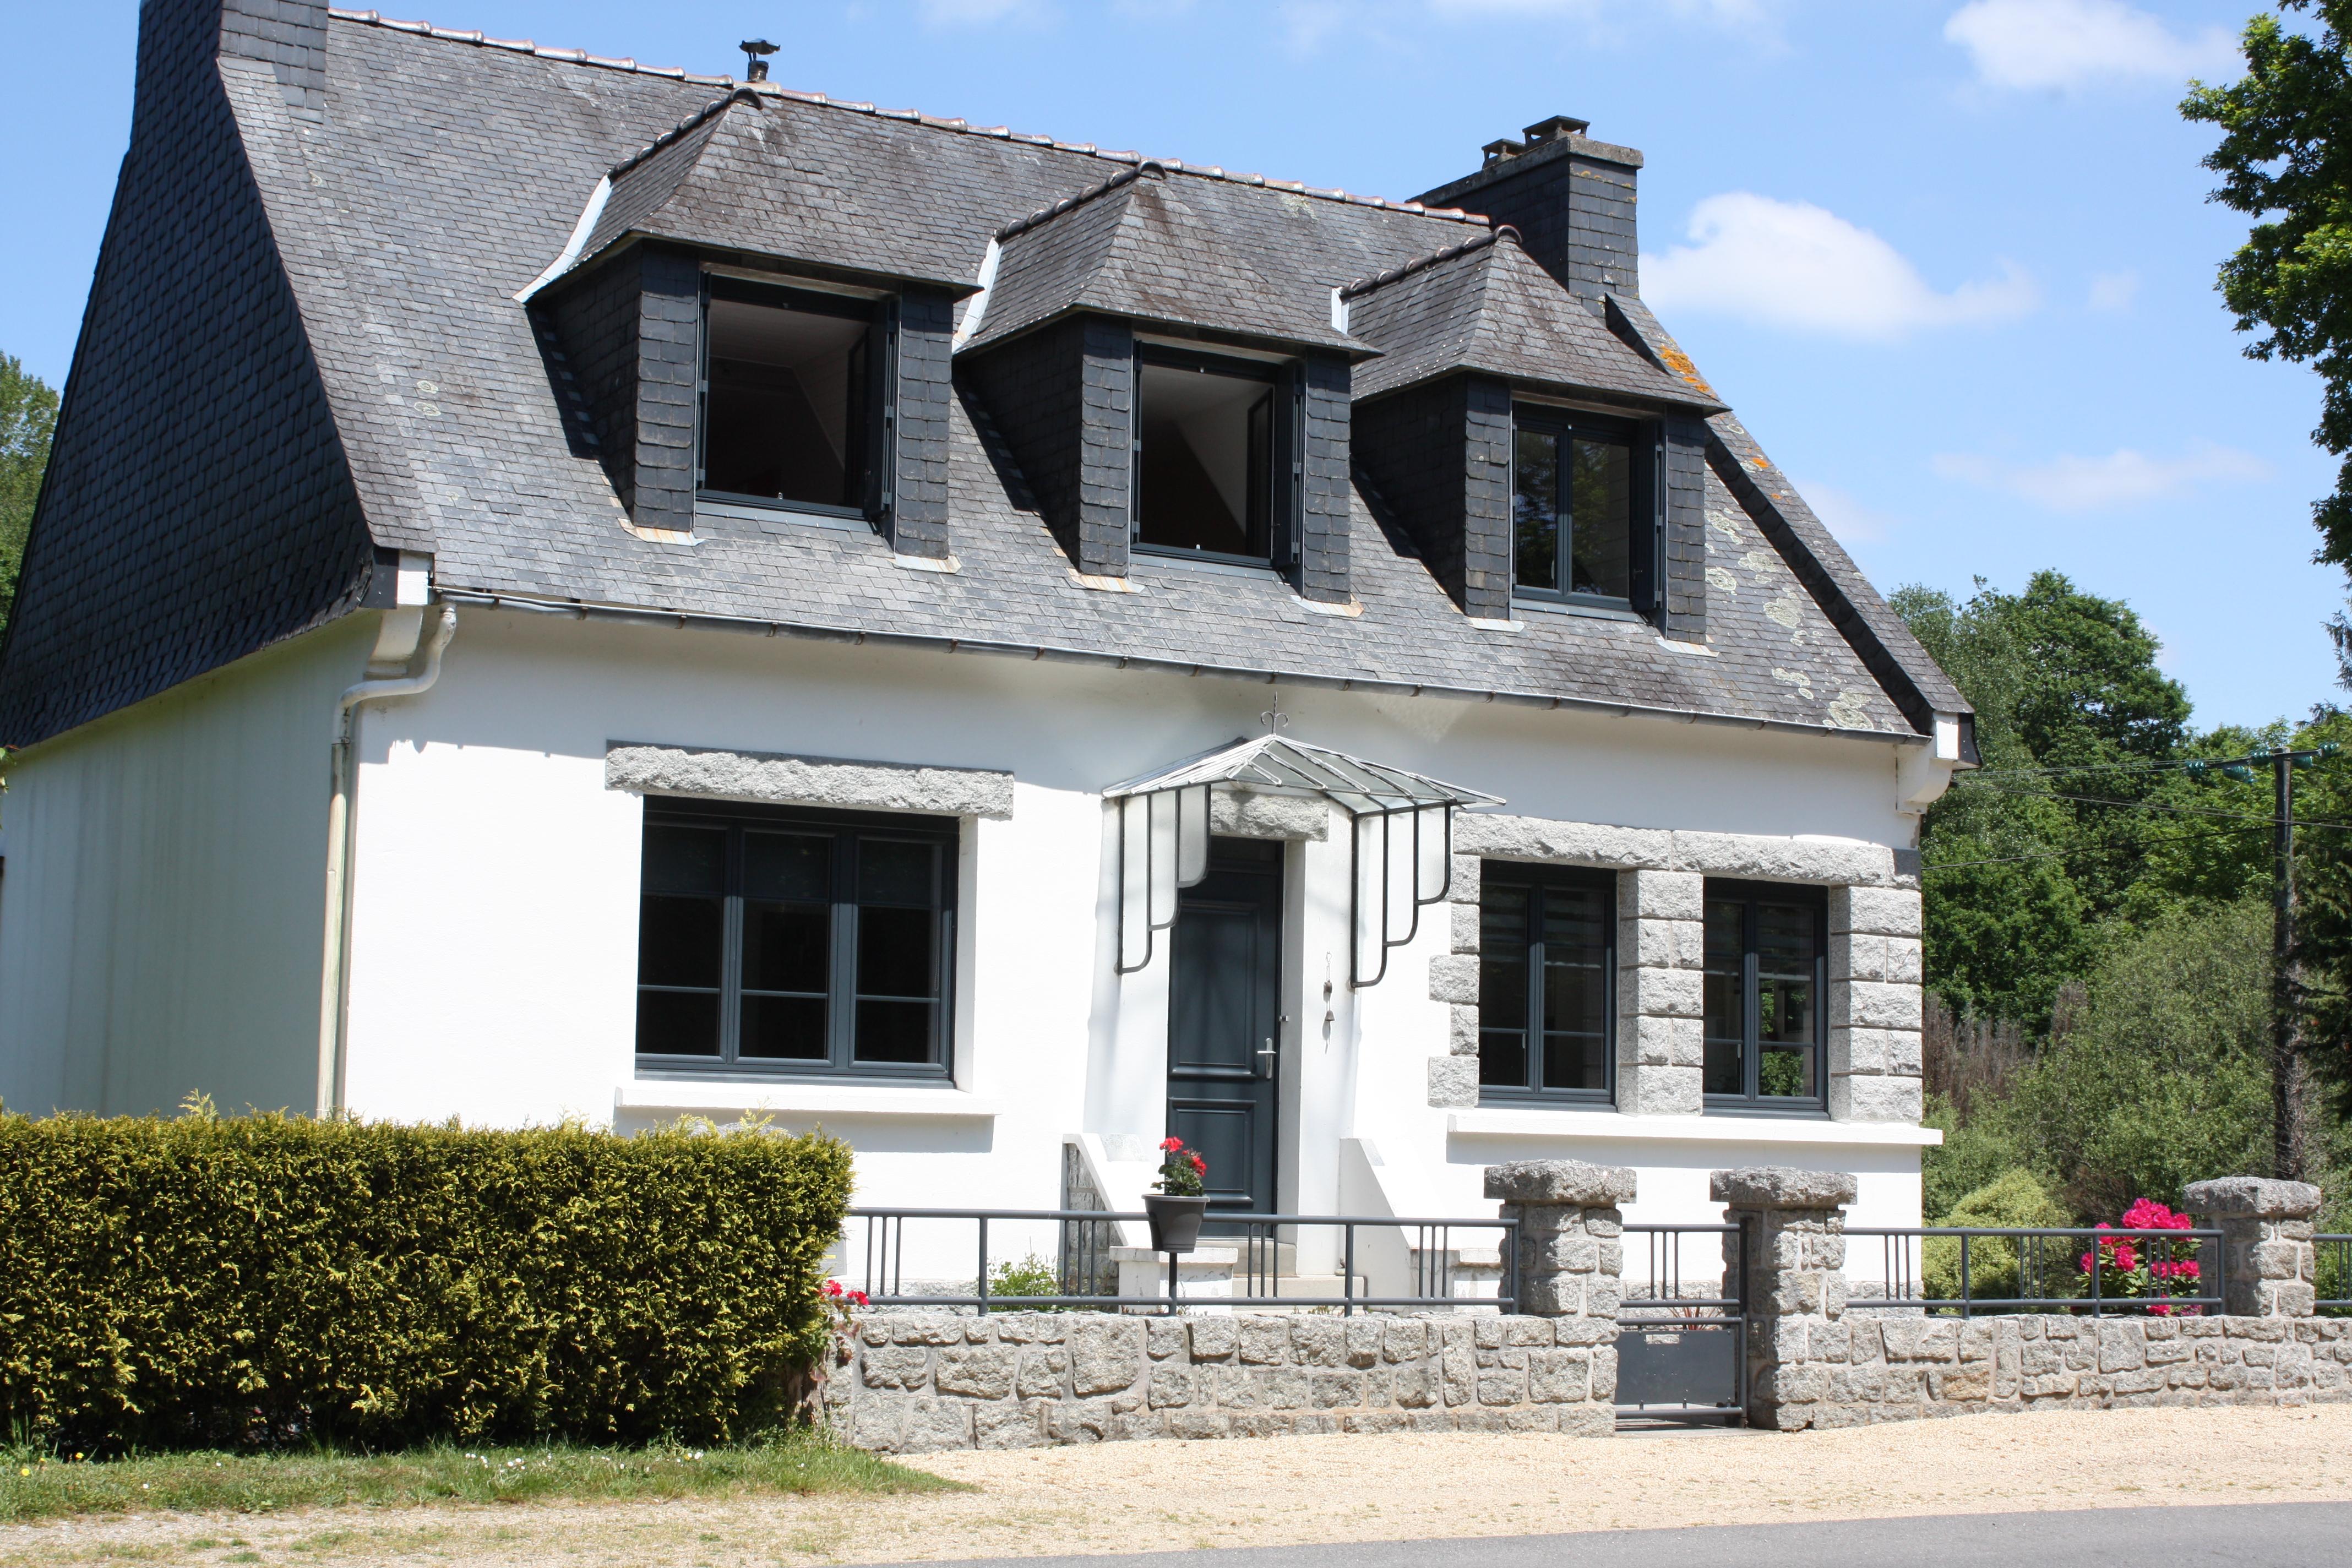 Volets roulants Le Coudray-Montceaux le-de-France Tel: 09